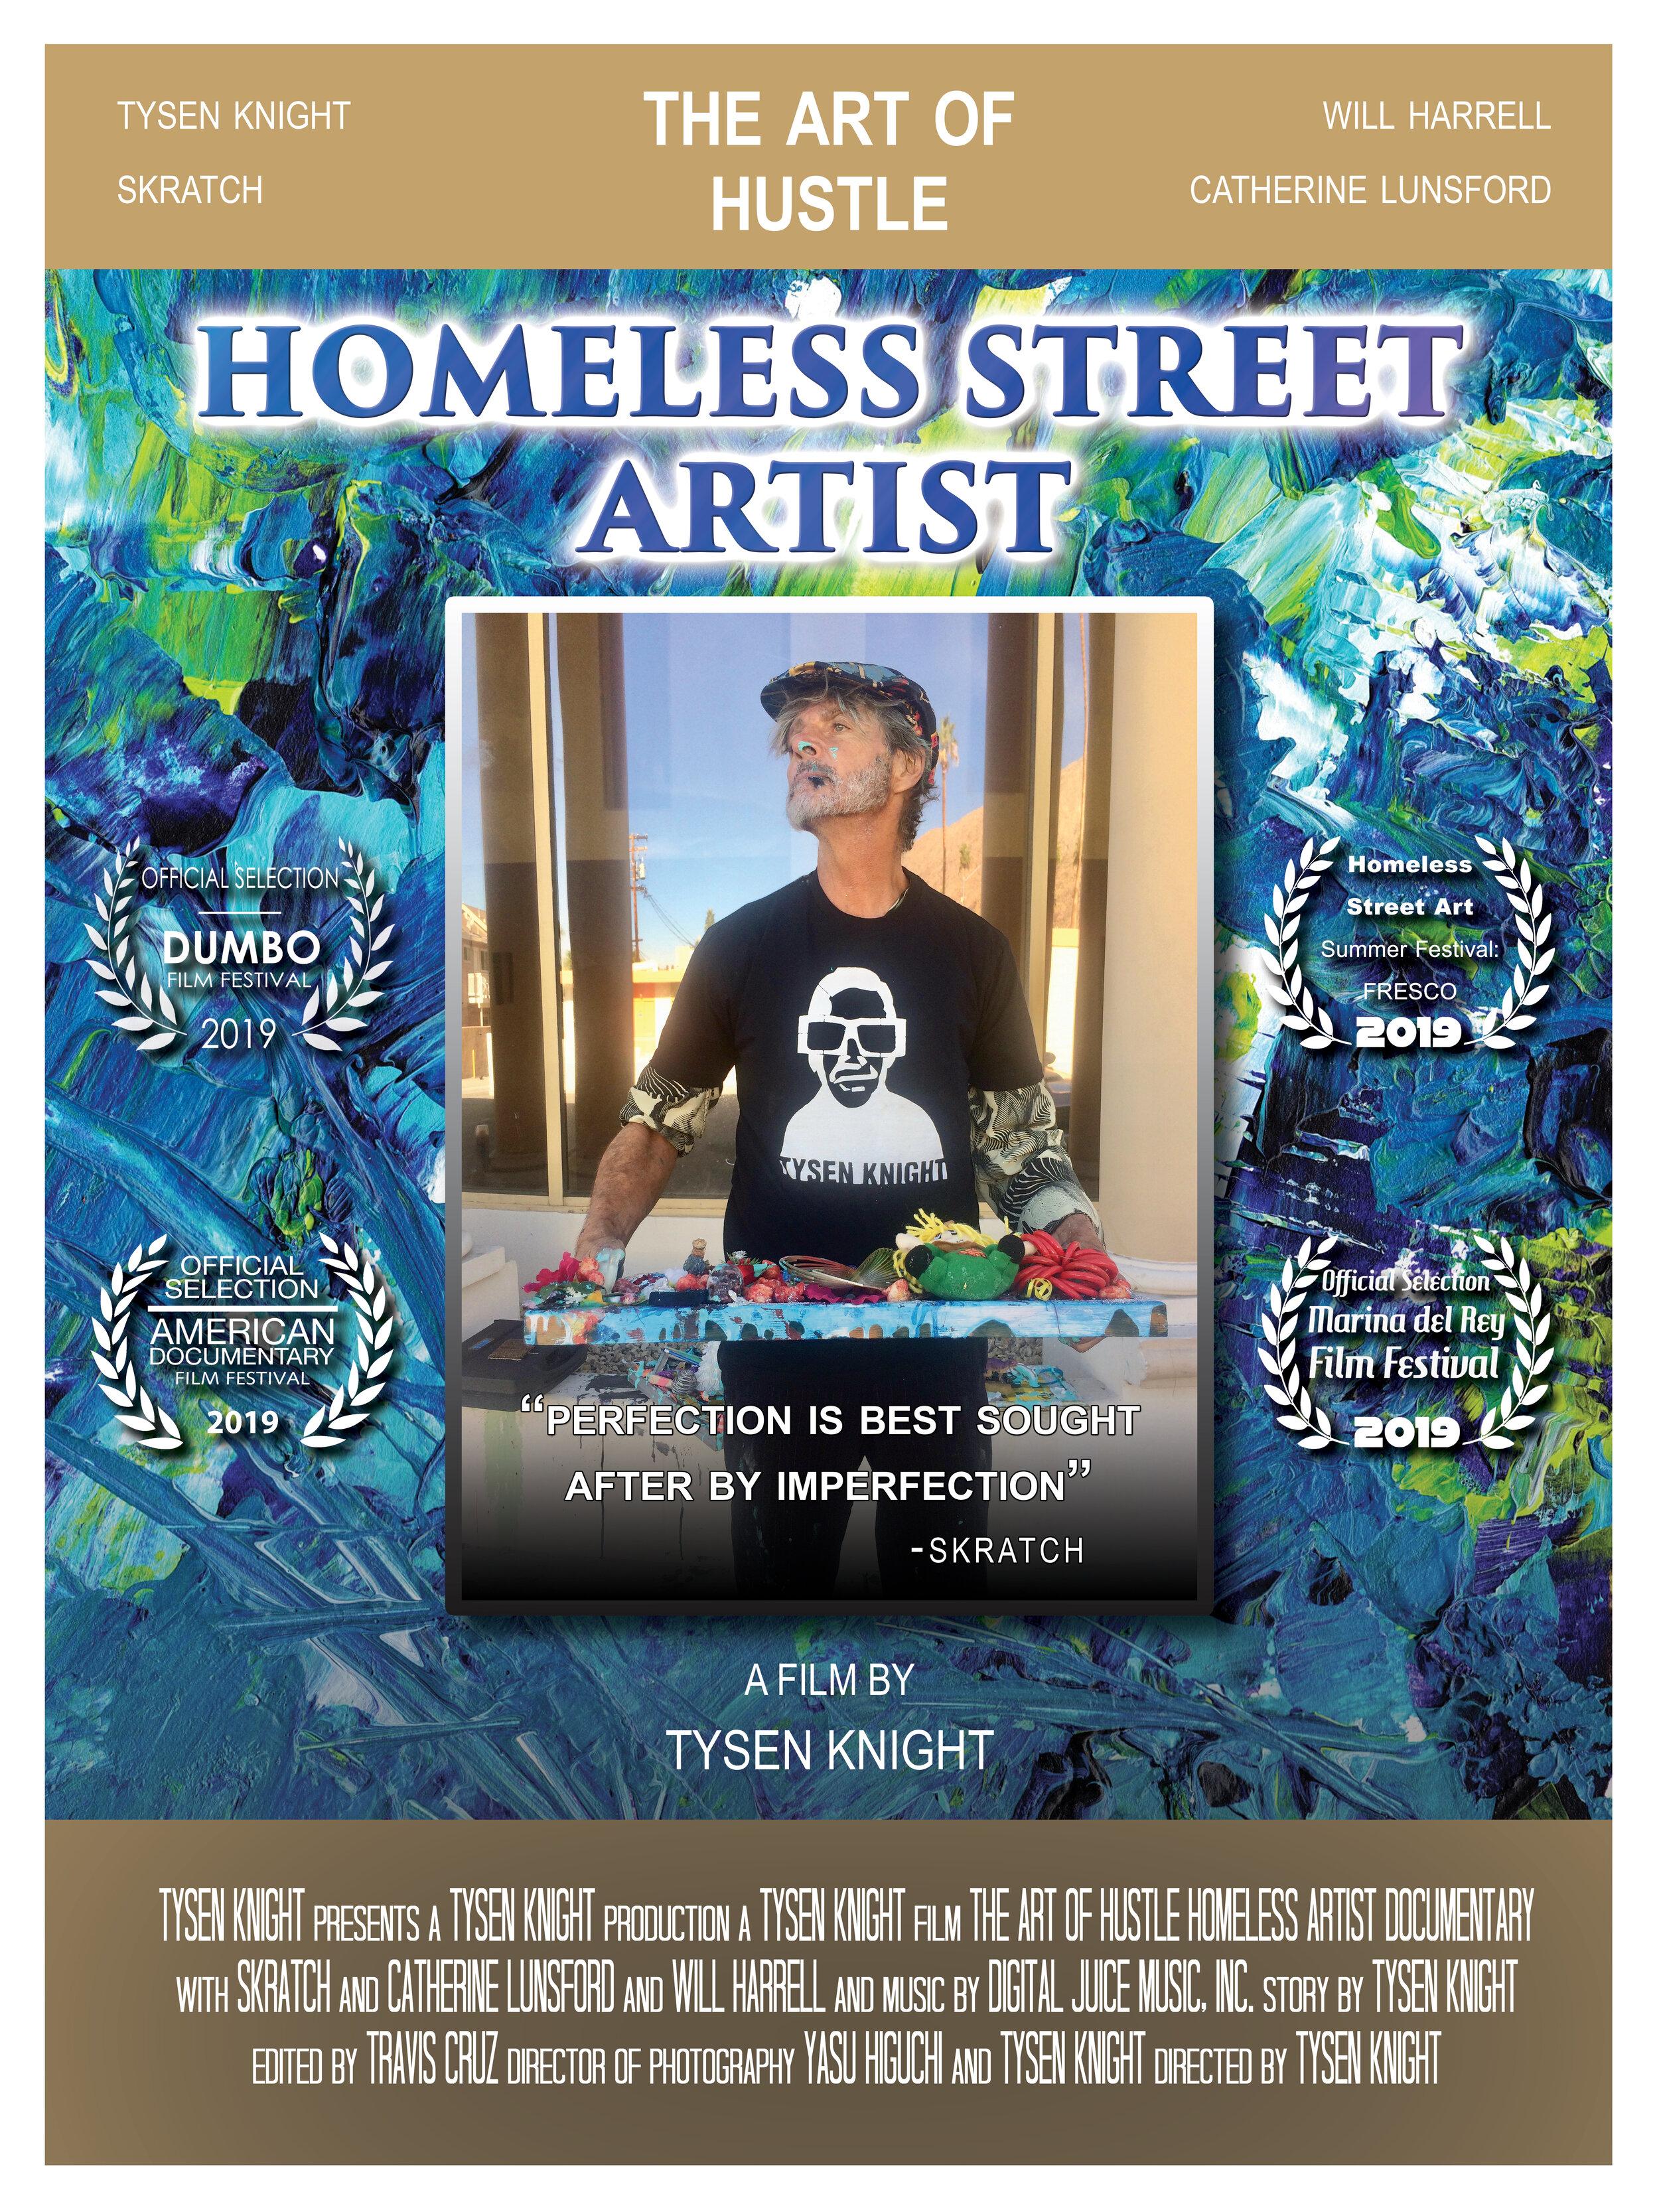 Homeless_Street_Artist_Poster_10_19.jpg